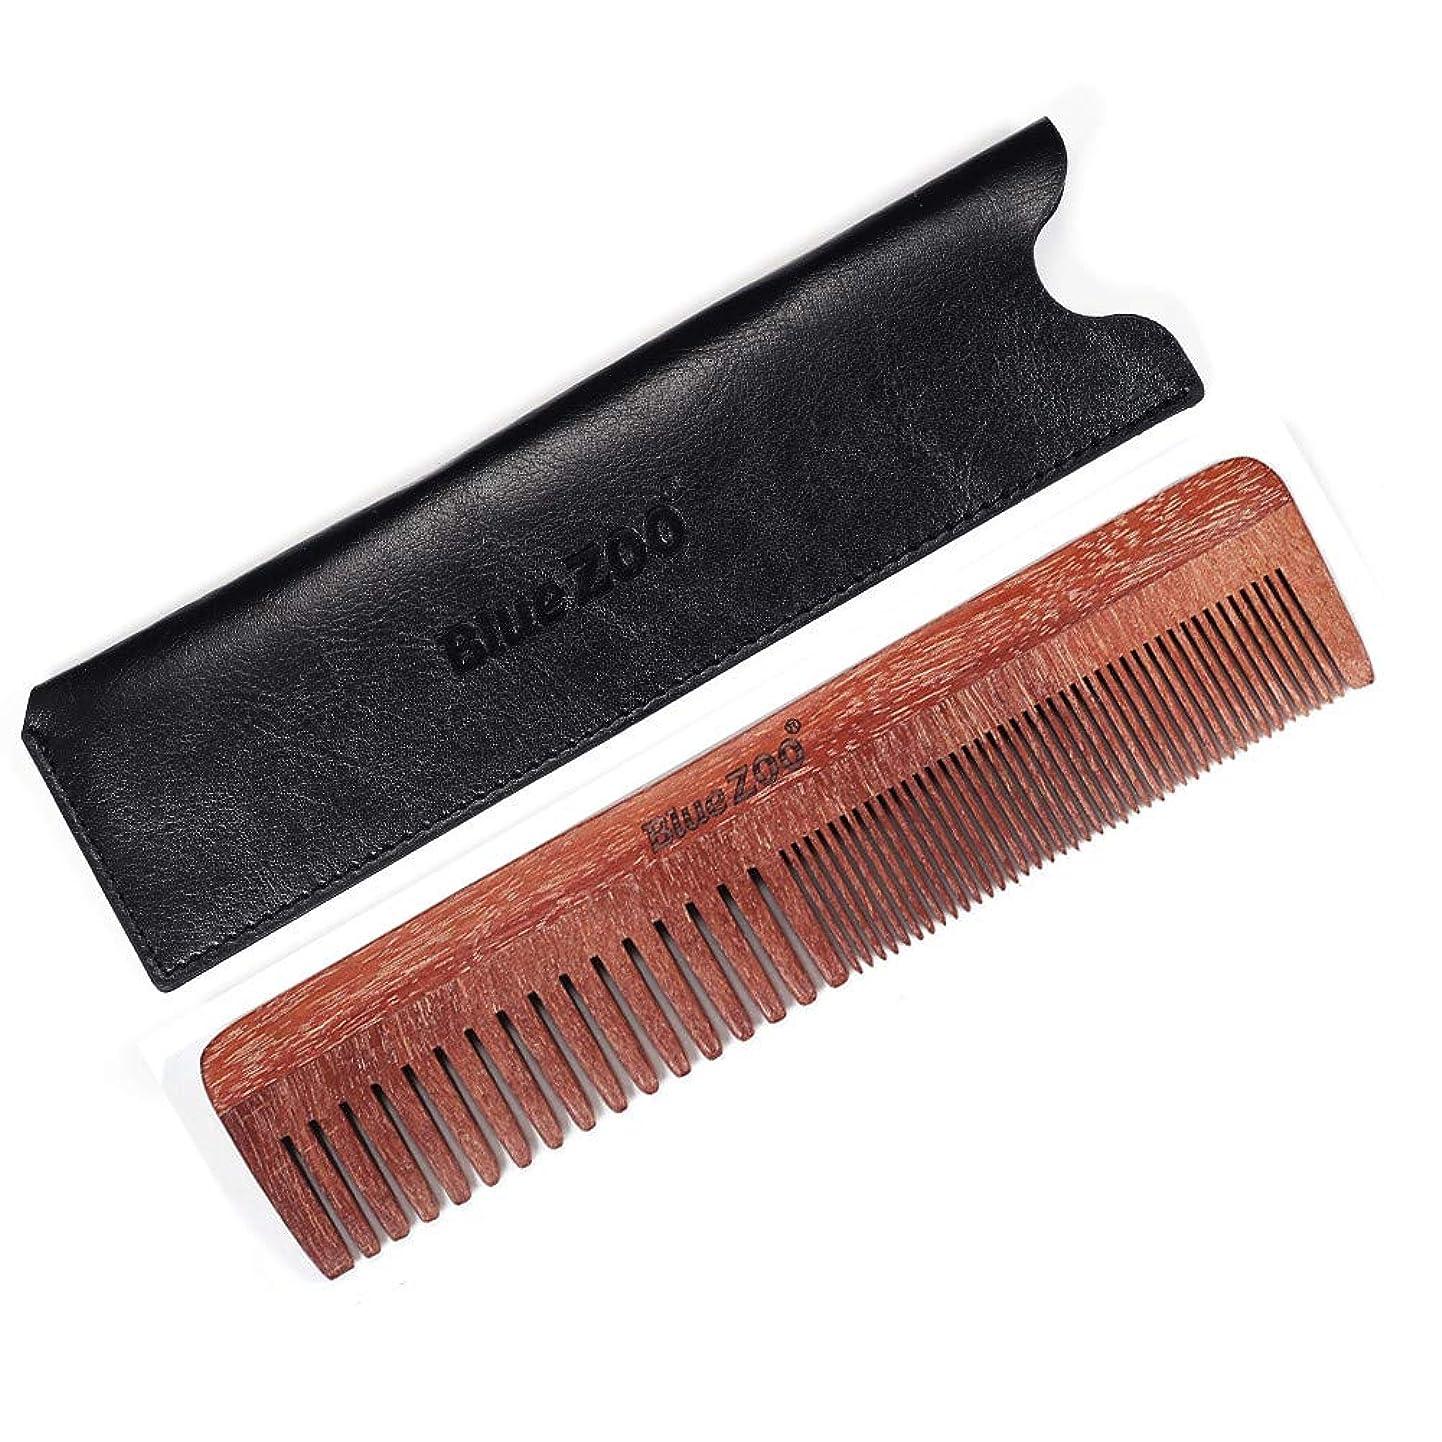 解き明かす衣類マニフェストLazayyii くし 良い歯ブラシが付いている自然な木 帯電防止ひげ (ブラック)